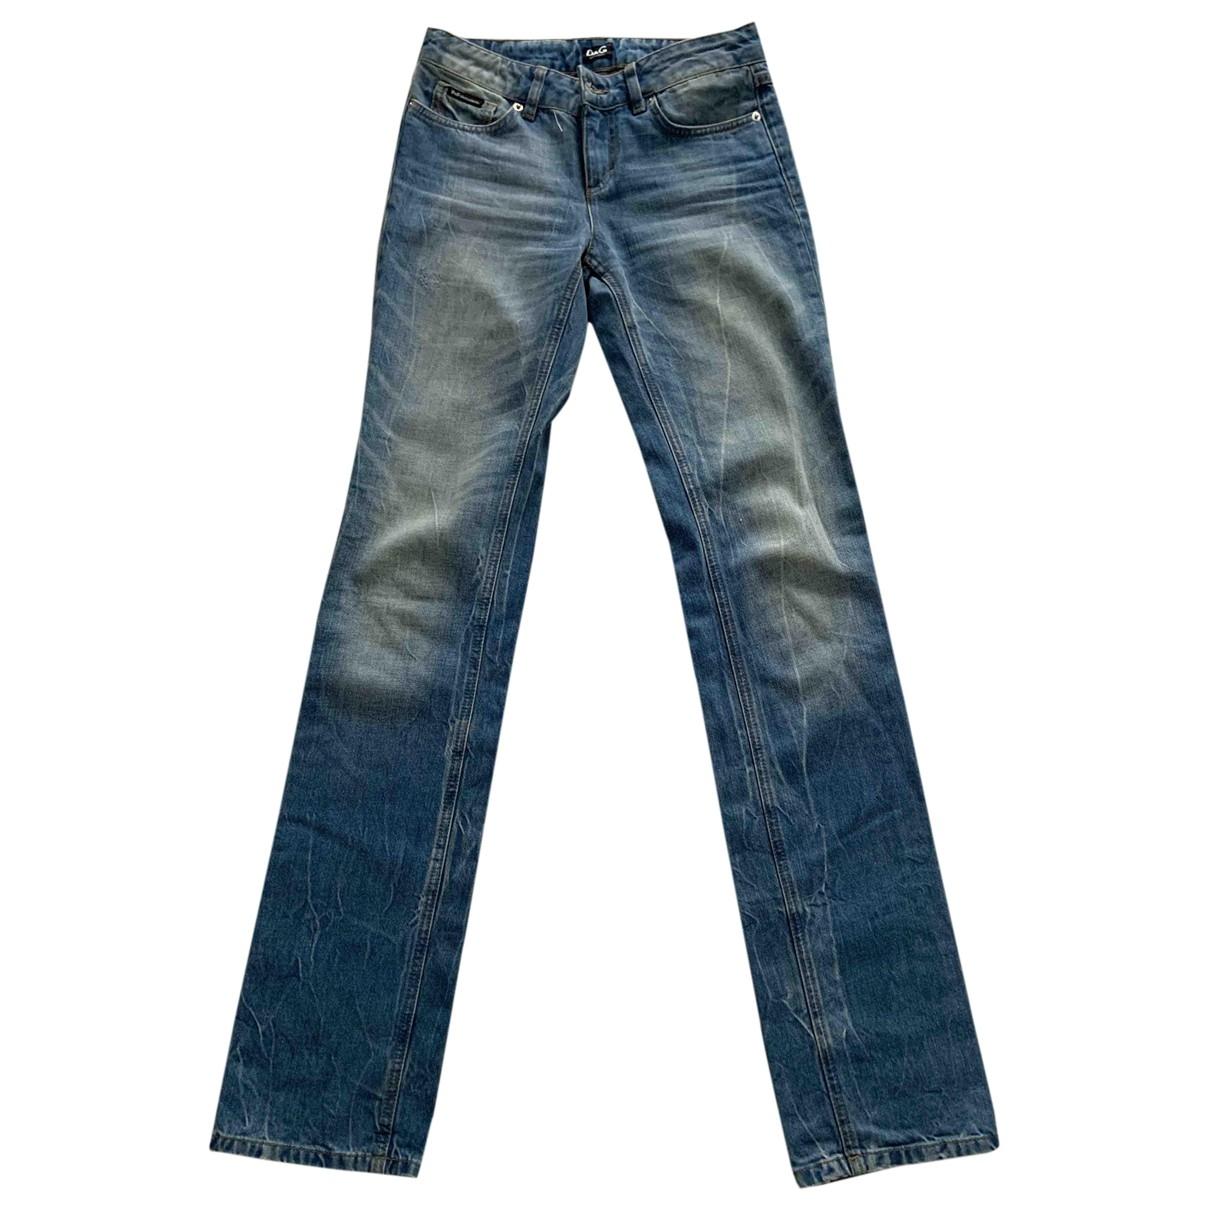 D&g \N Jeans in  Blau Baumwolle